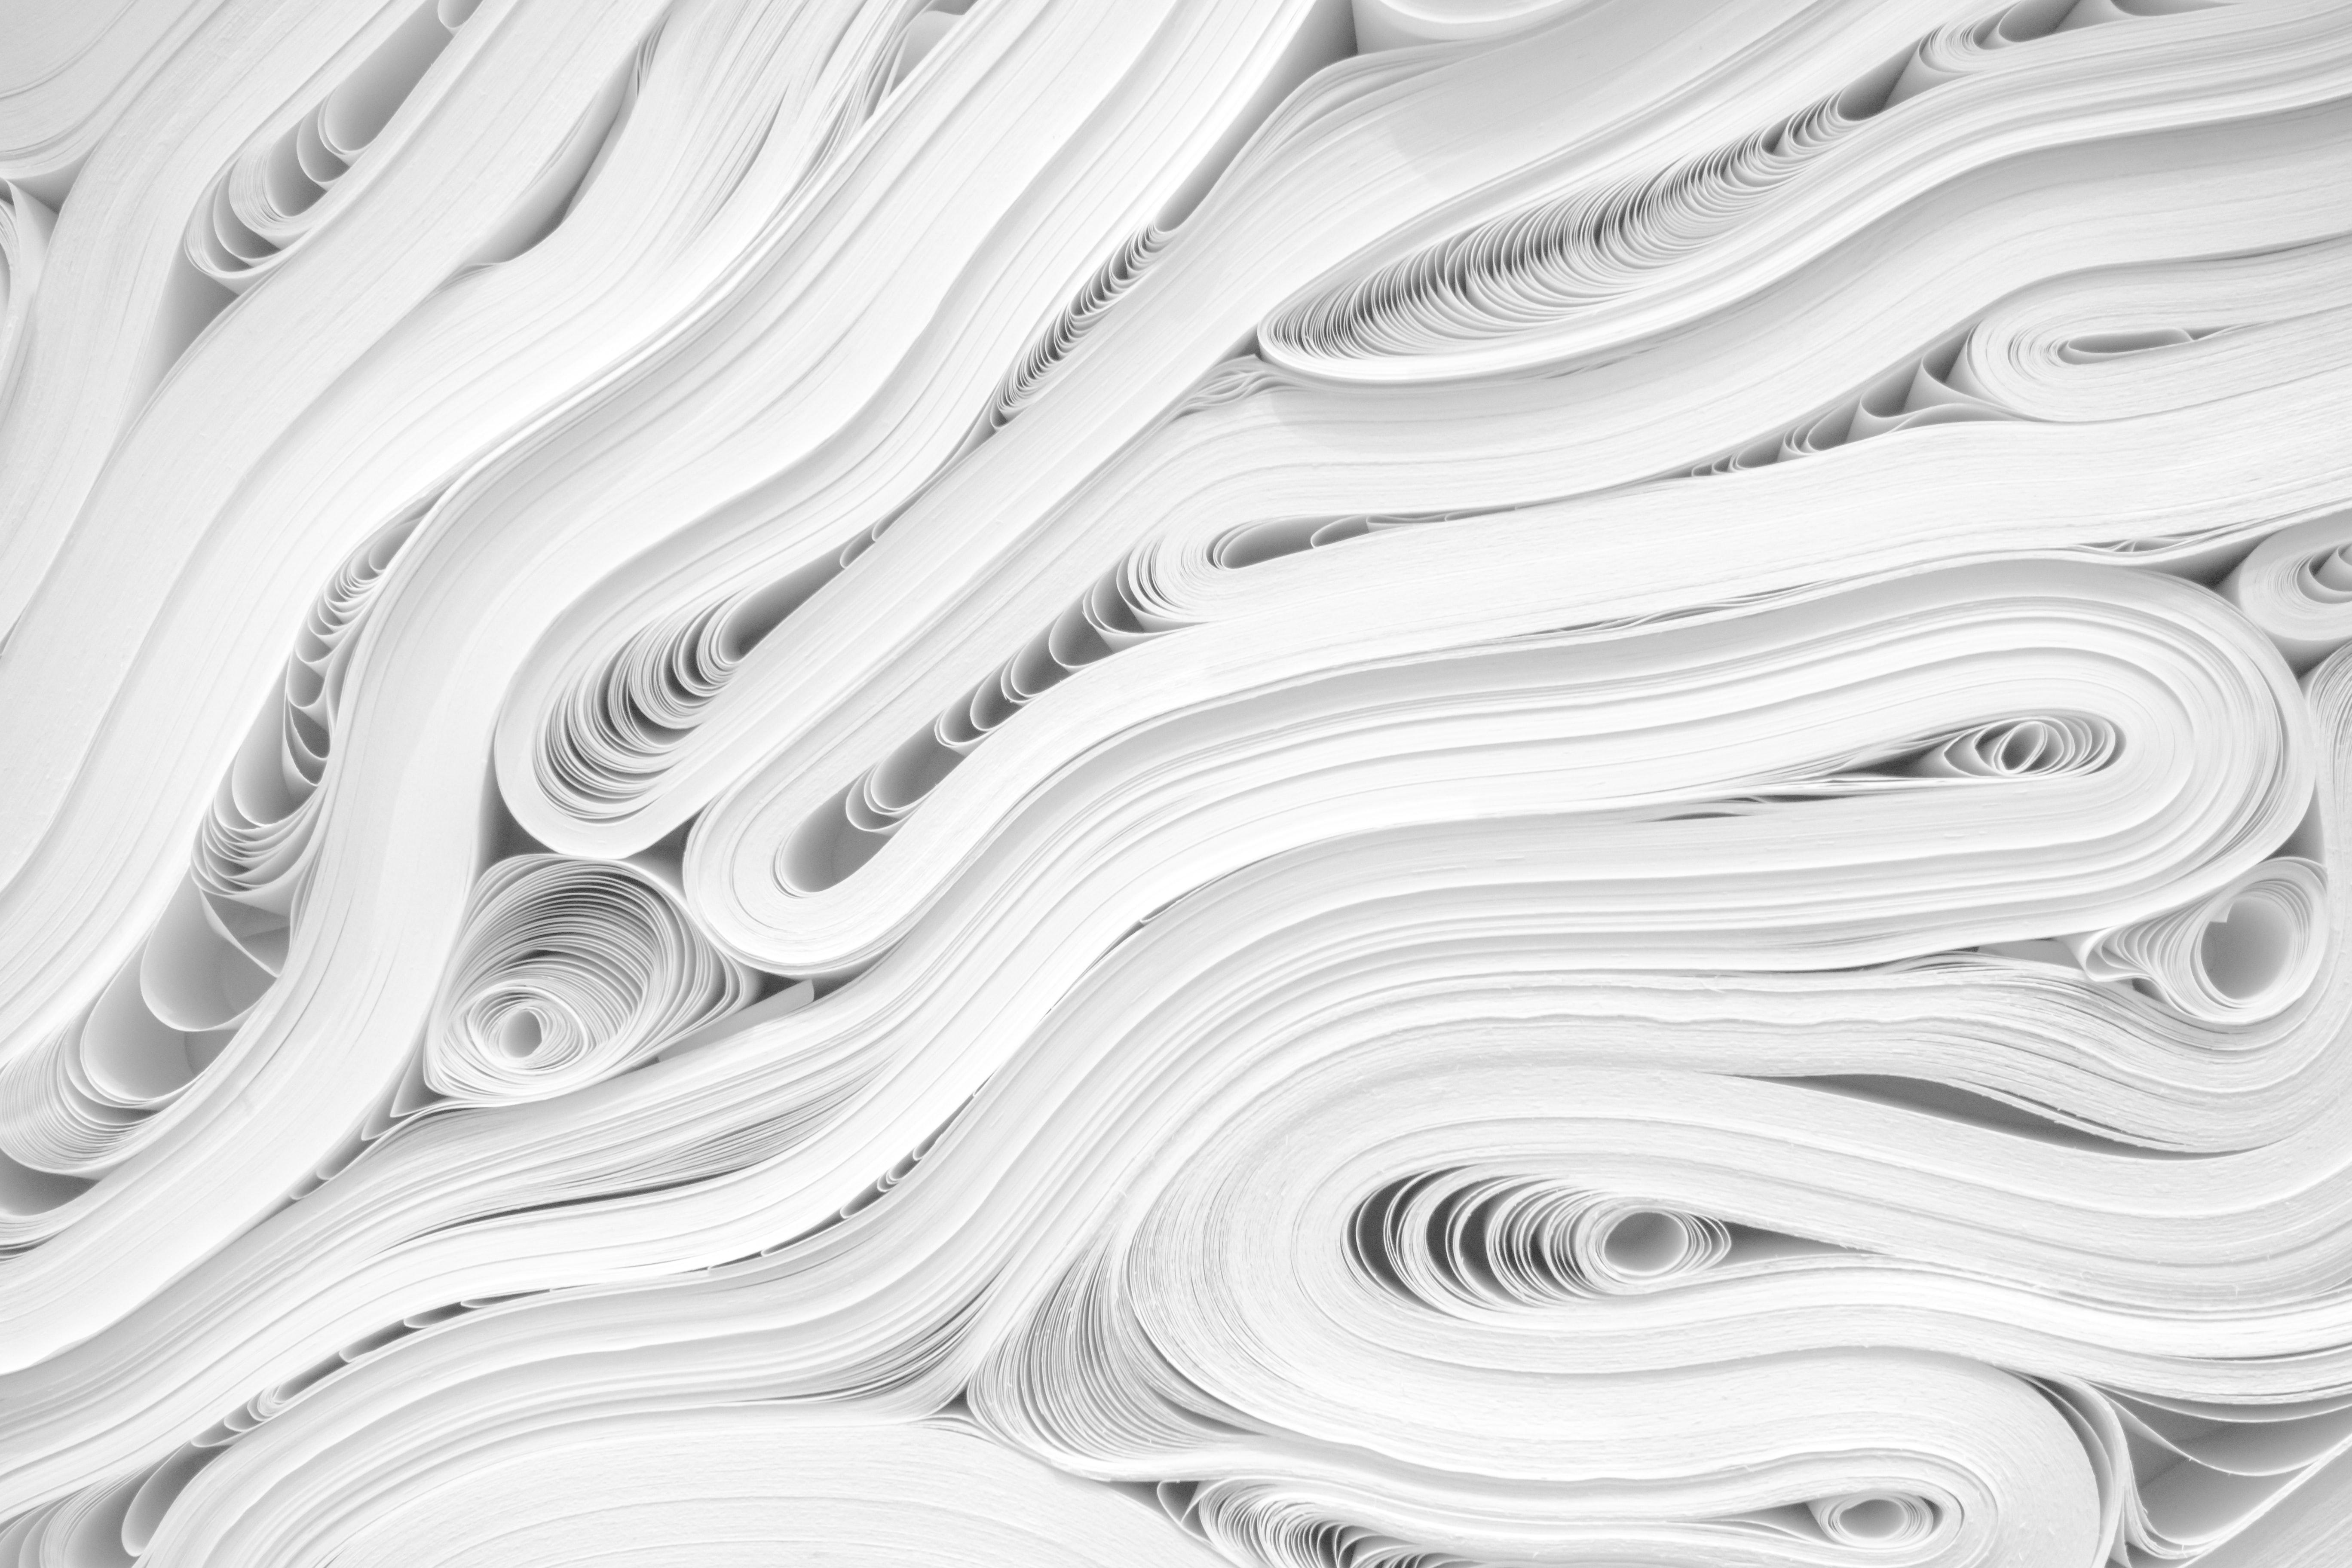 脱プラスチック時代の製紙業 環境に配慮した人と紙の新しいつきあい方とは